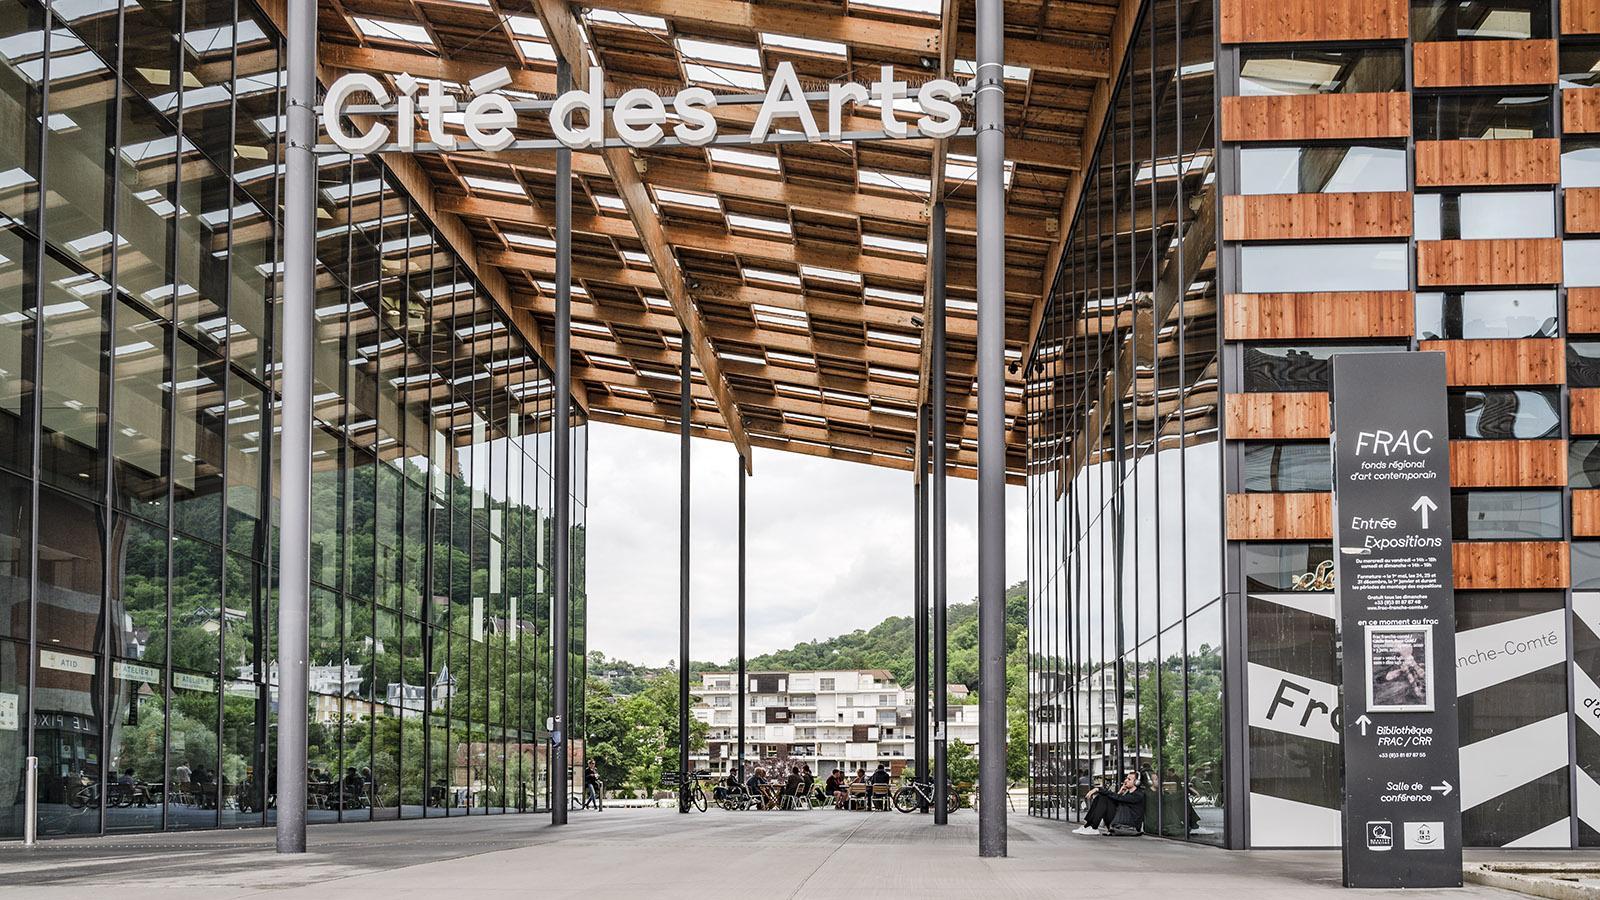 Die Kunstsammlung des FRAC nimmt den rechten Teil des Gebäudes ein. Im linken Flügel des Baus residiert das Conservatoire à Rayonnement Régional de Grand Besançon Métropole. Foto: Hilke Maunder